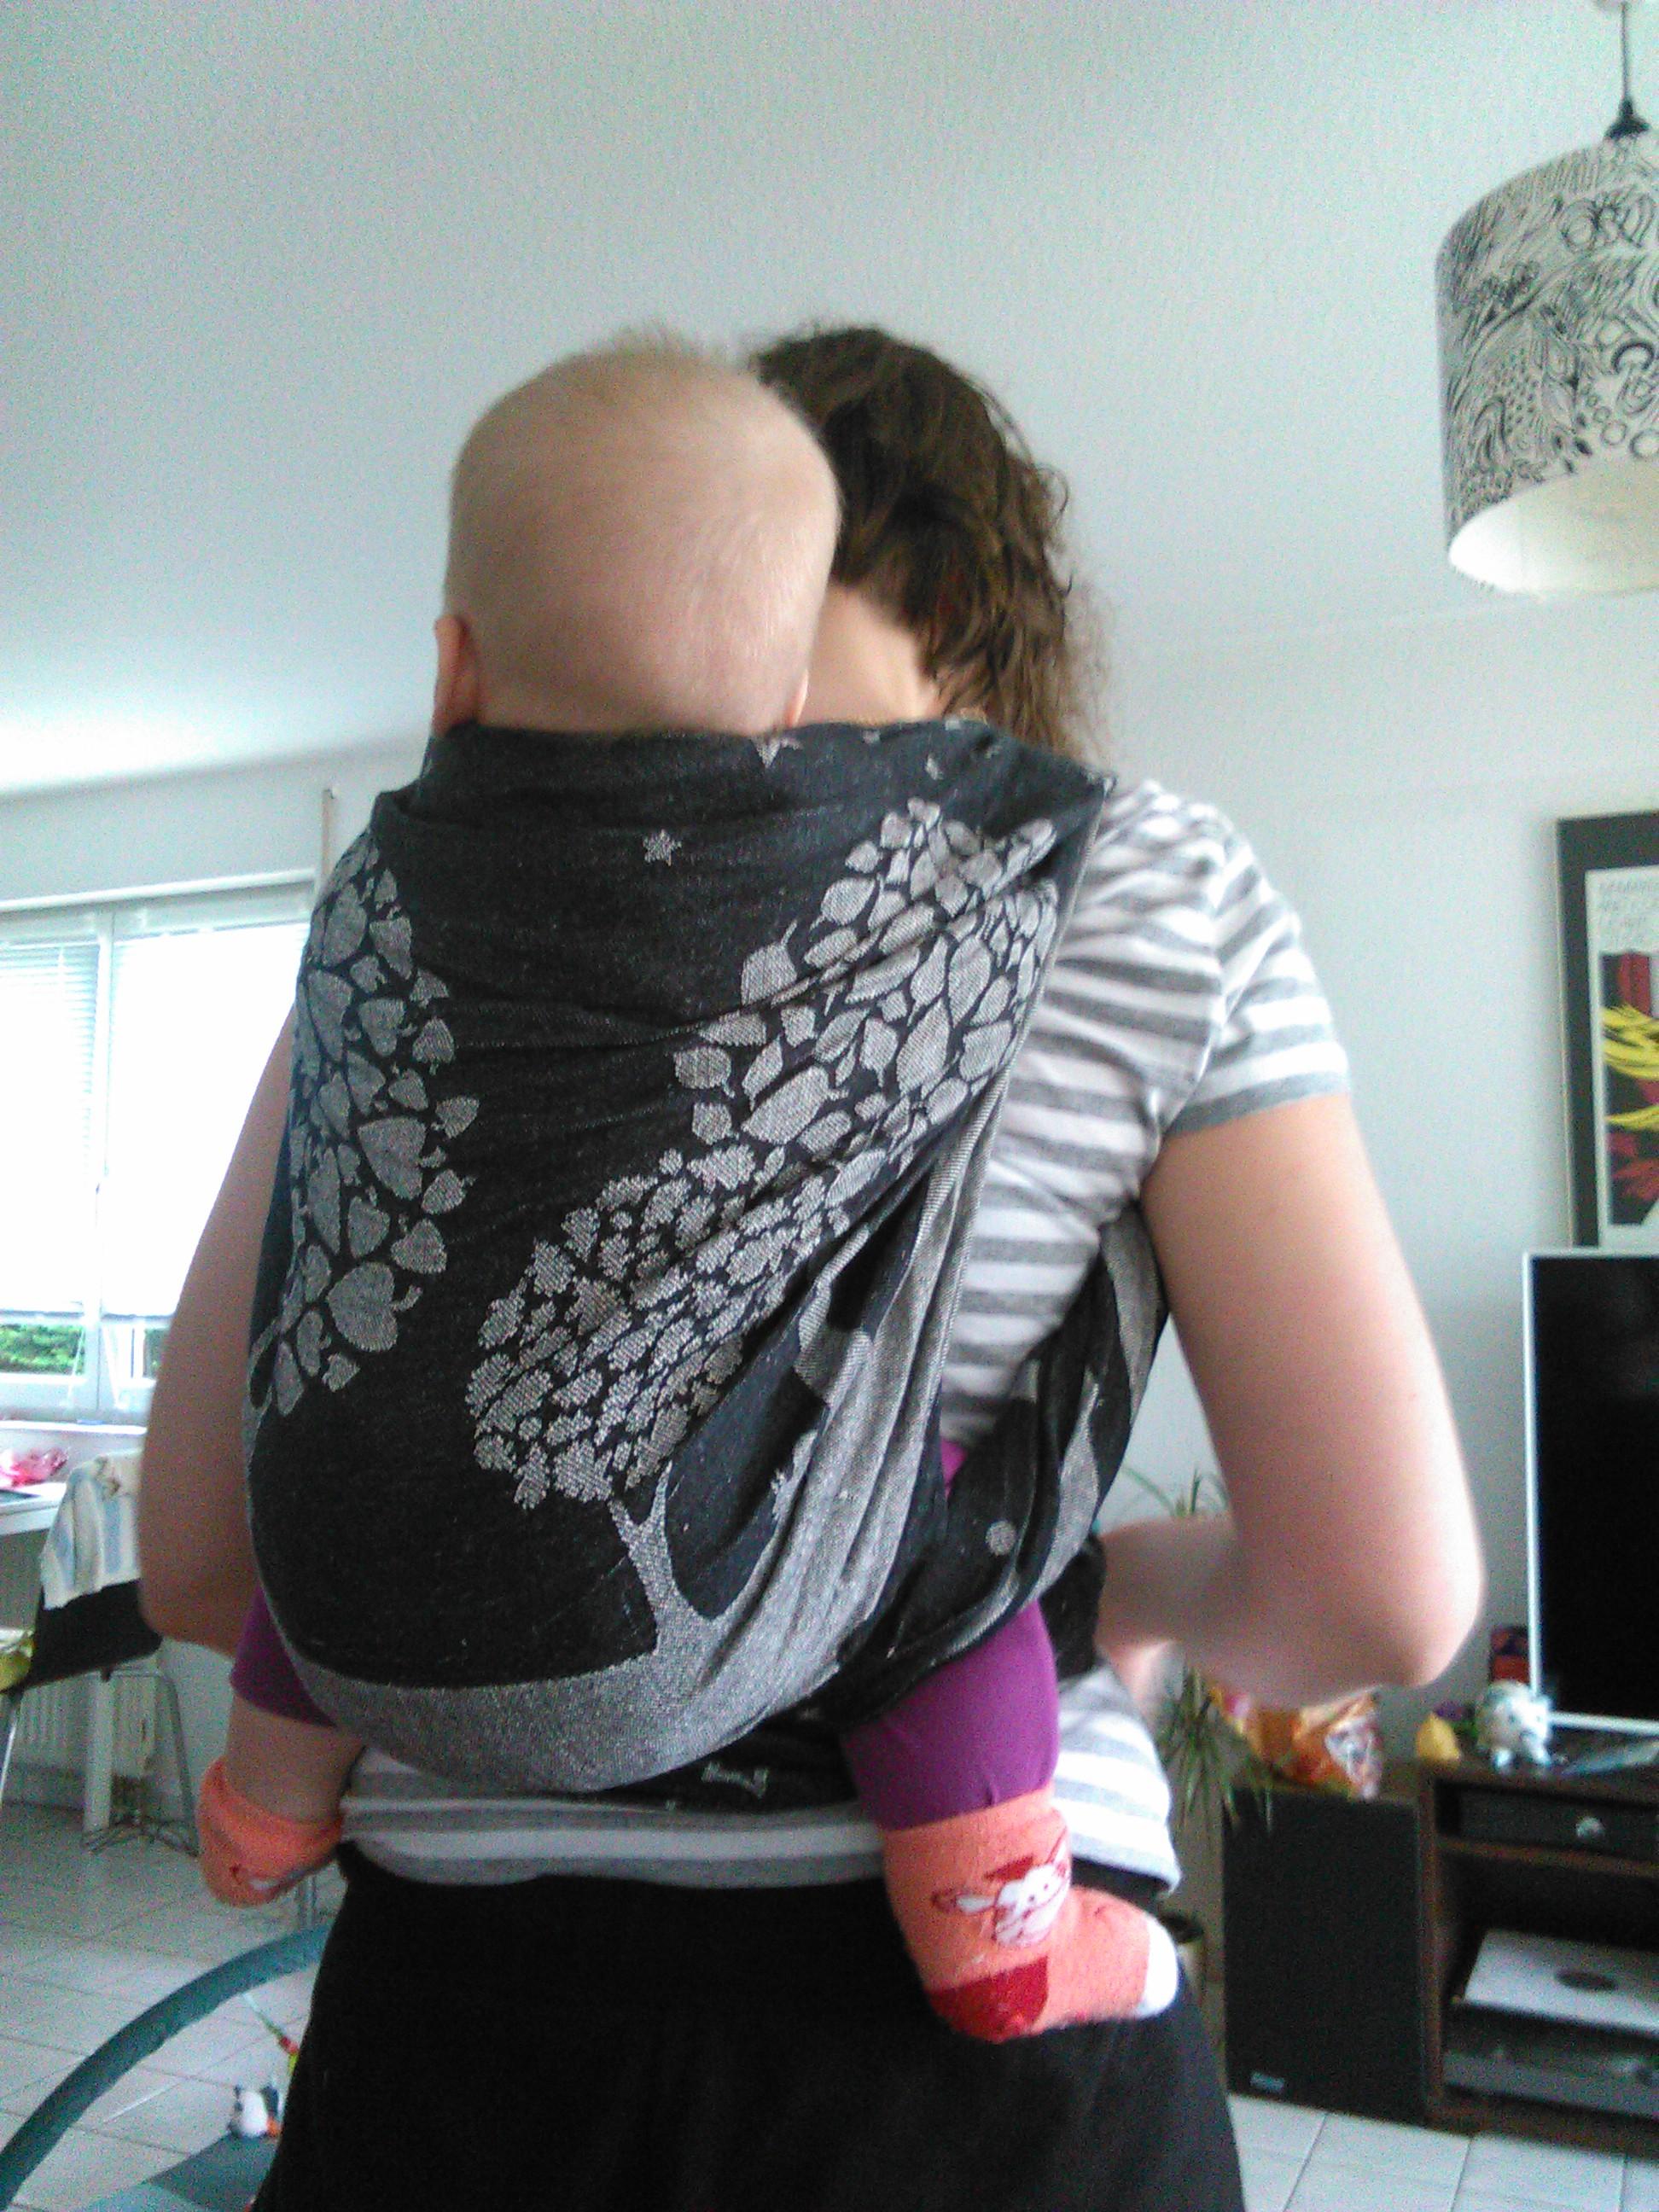 Wenn die Kinder schwerer werden, oder aber mehr sehen wollen: es geht ab auf den Rücken. Als Trageberaterin hier in Olpe zeige ich es euch gerne!